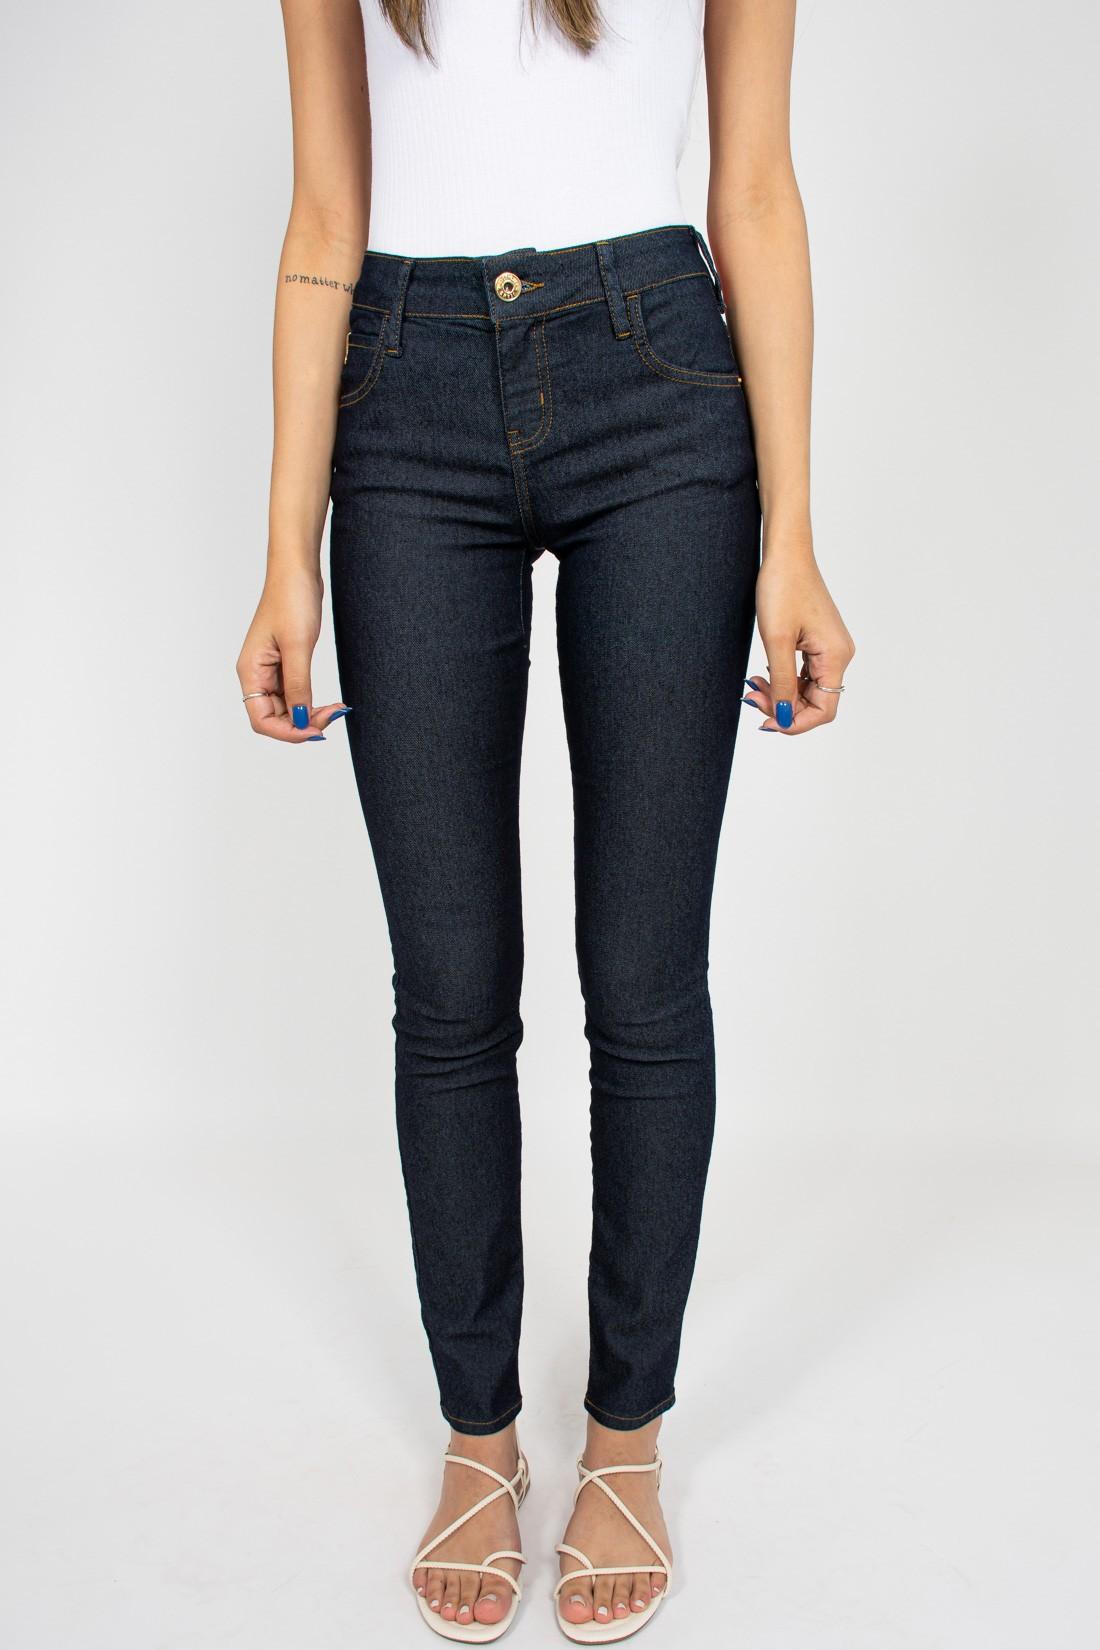 Calca Jeans Coca Cola Midi Skinny